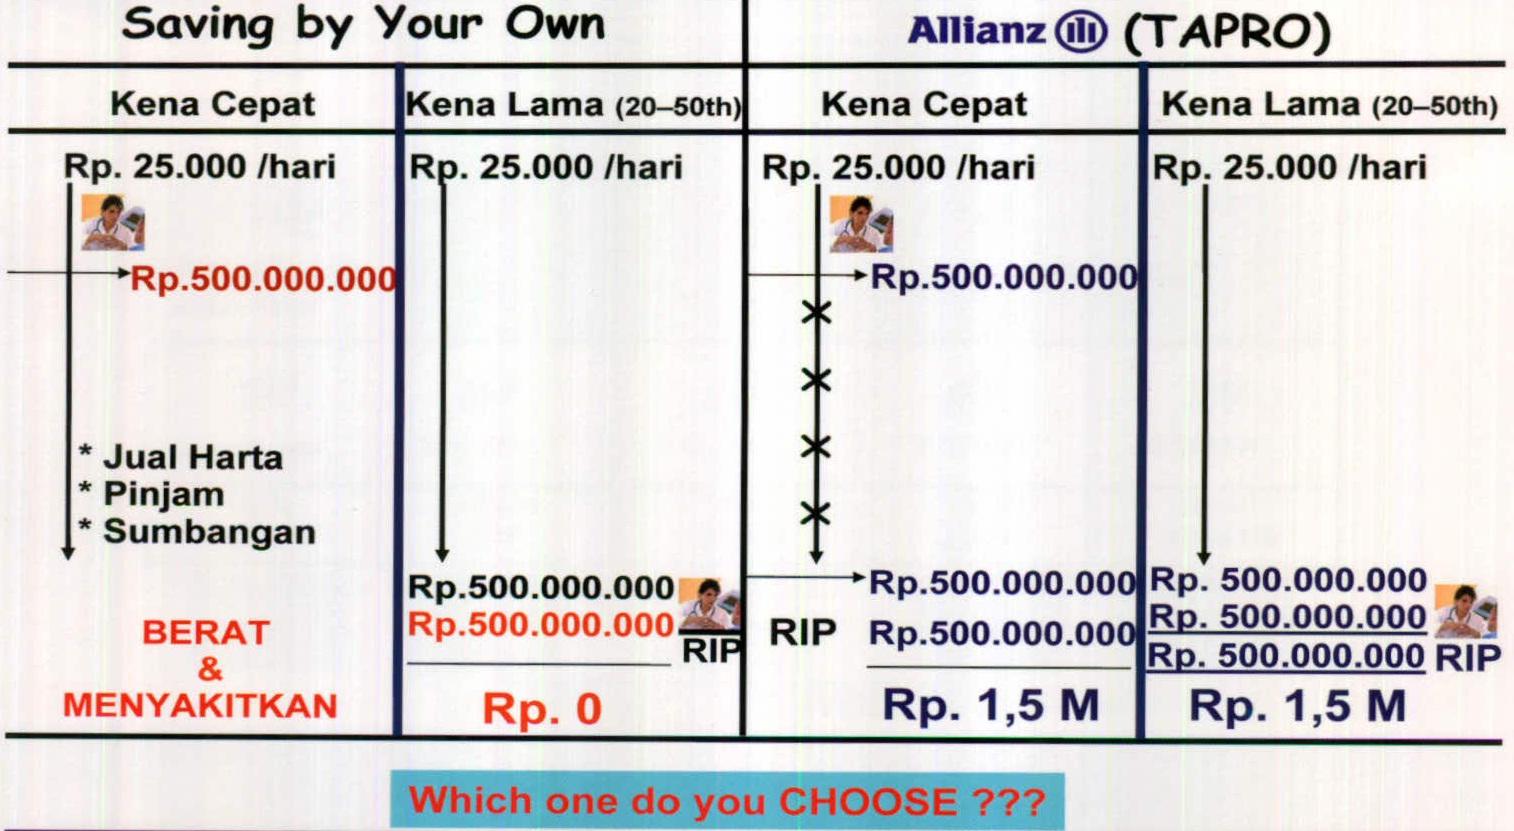 Allianz Asuransiku: WHY TAPRO